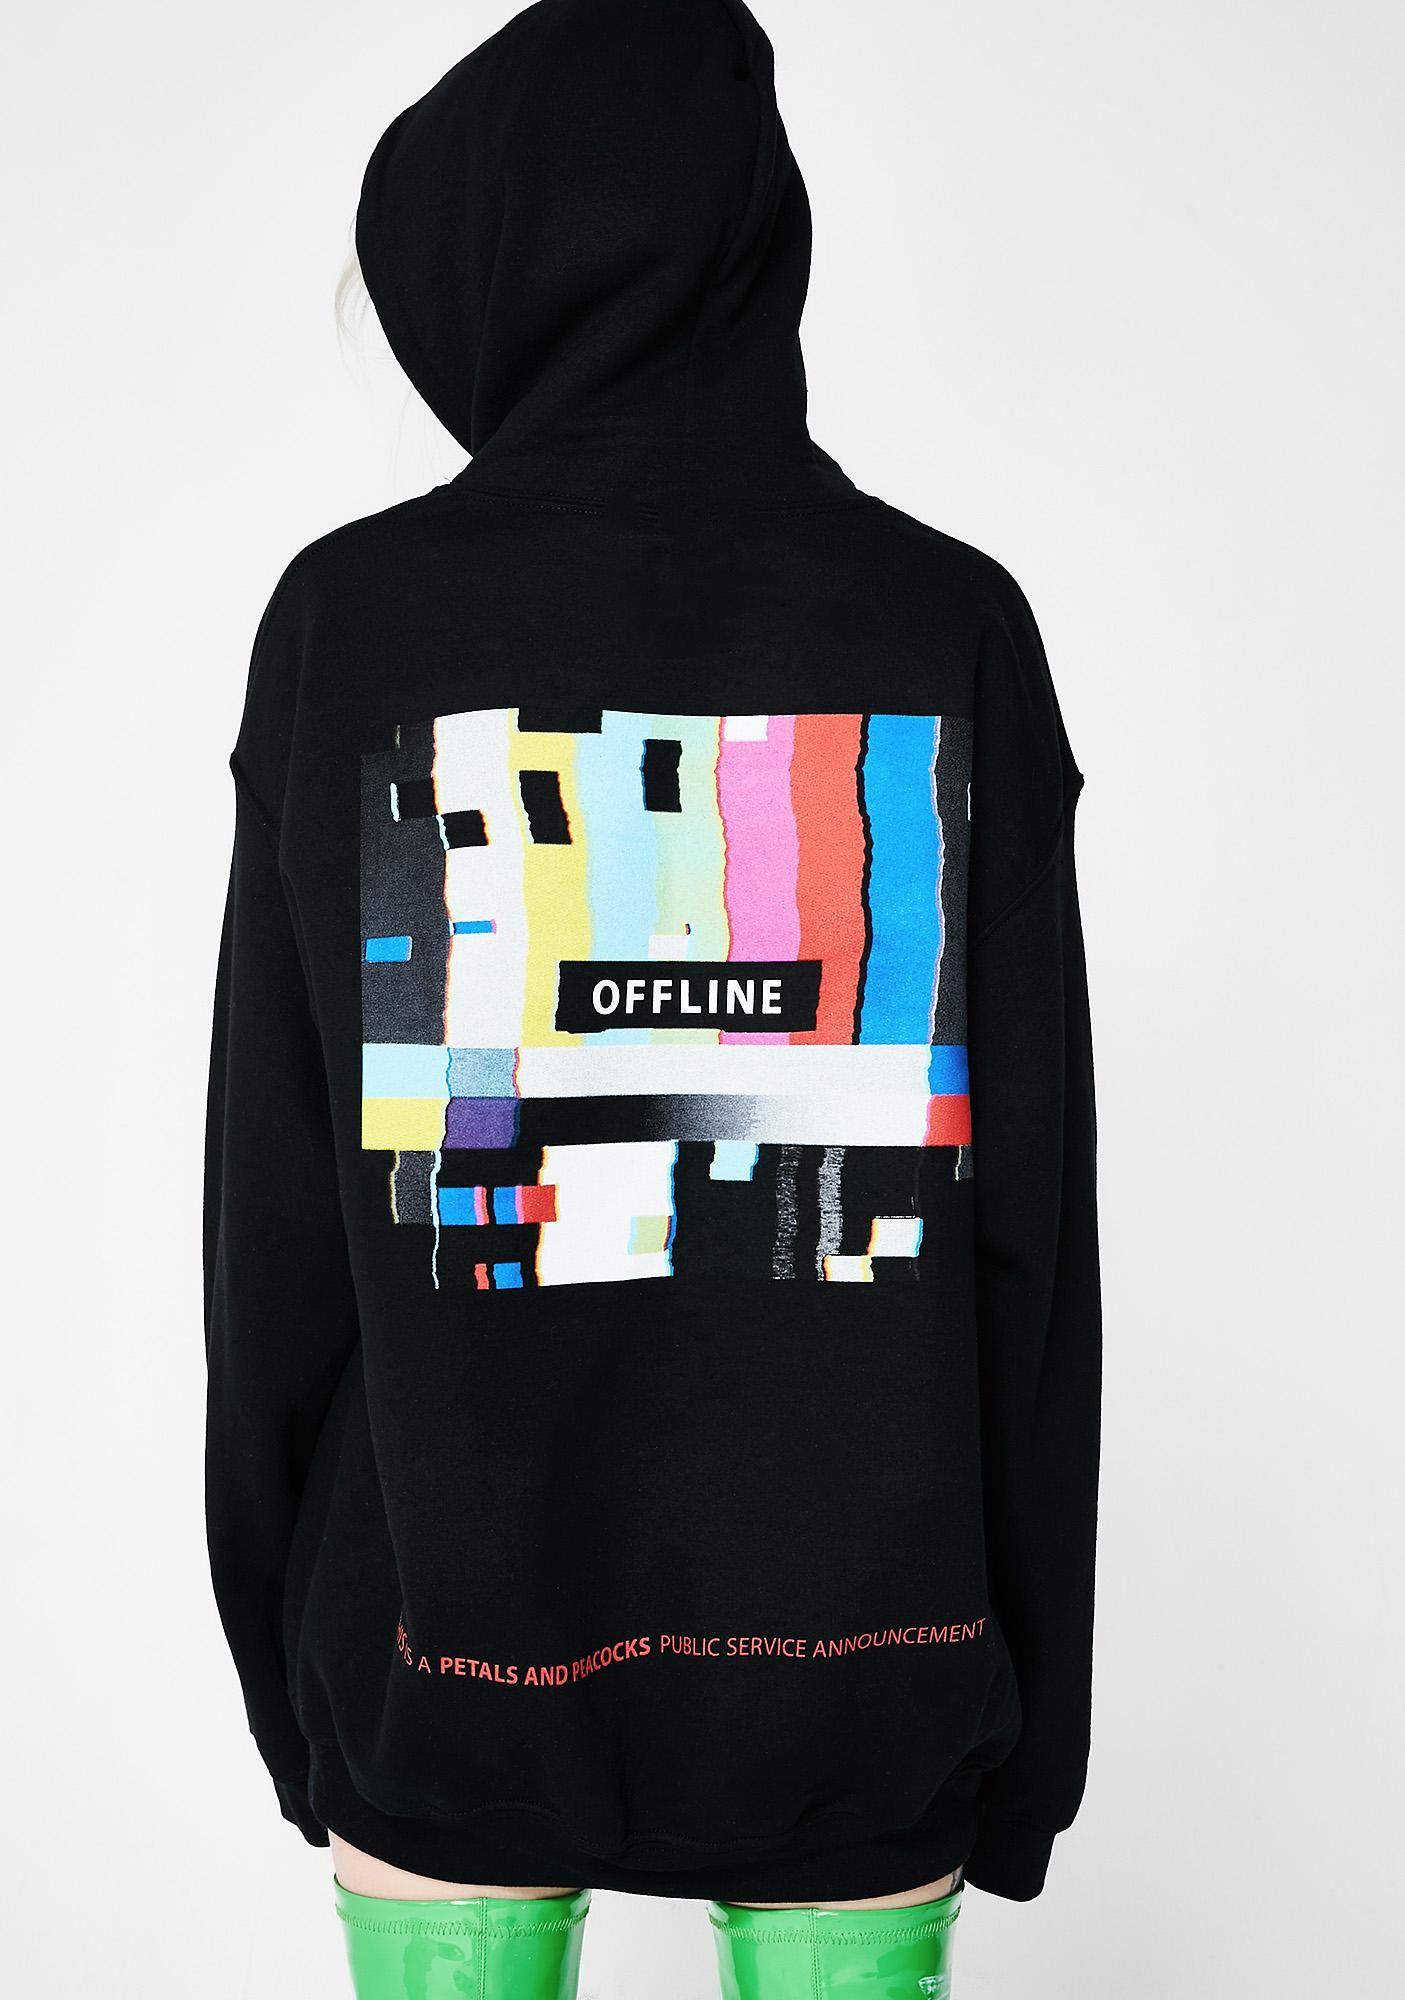 Offline Psa Hoodie Hoodies Hoodie Design Embroidered Hoodie [ 2000 x 1405 Pixel ]